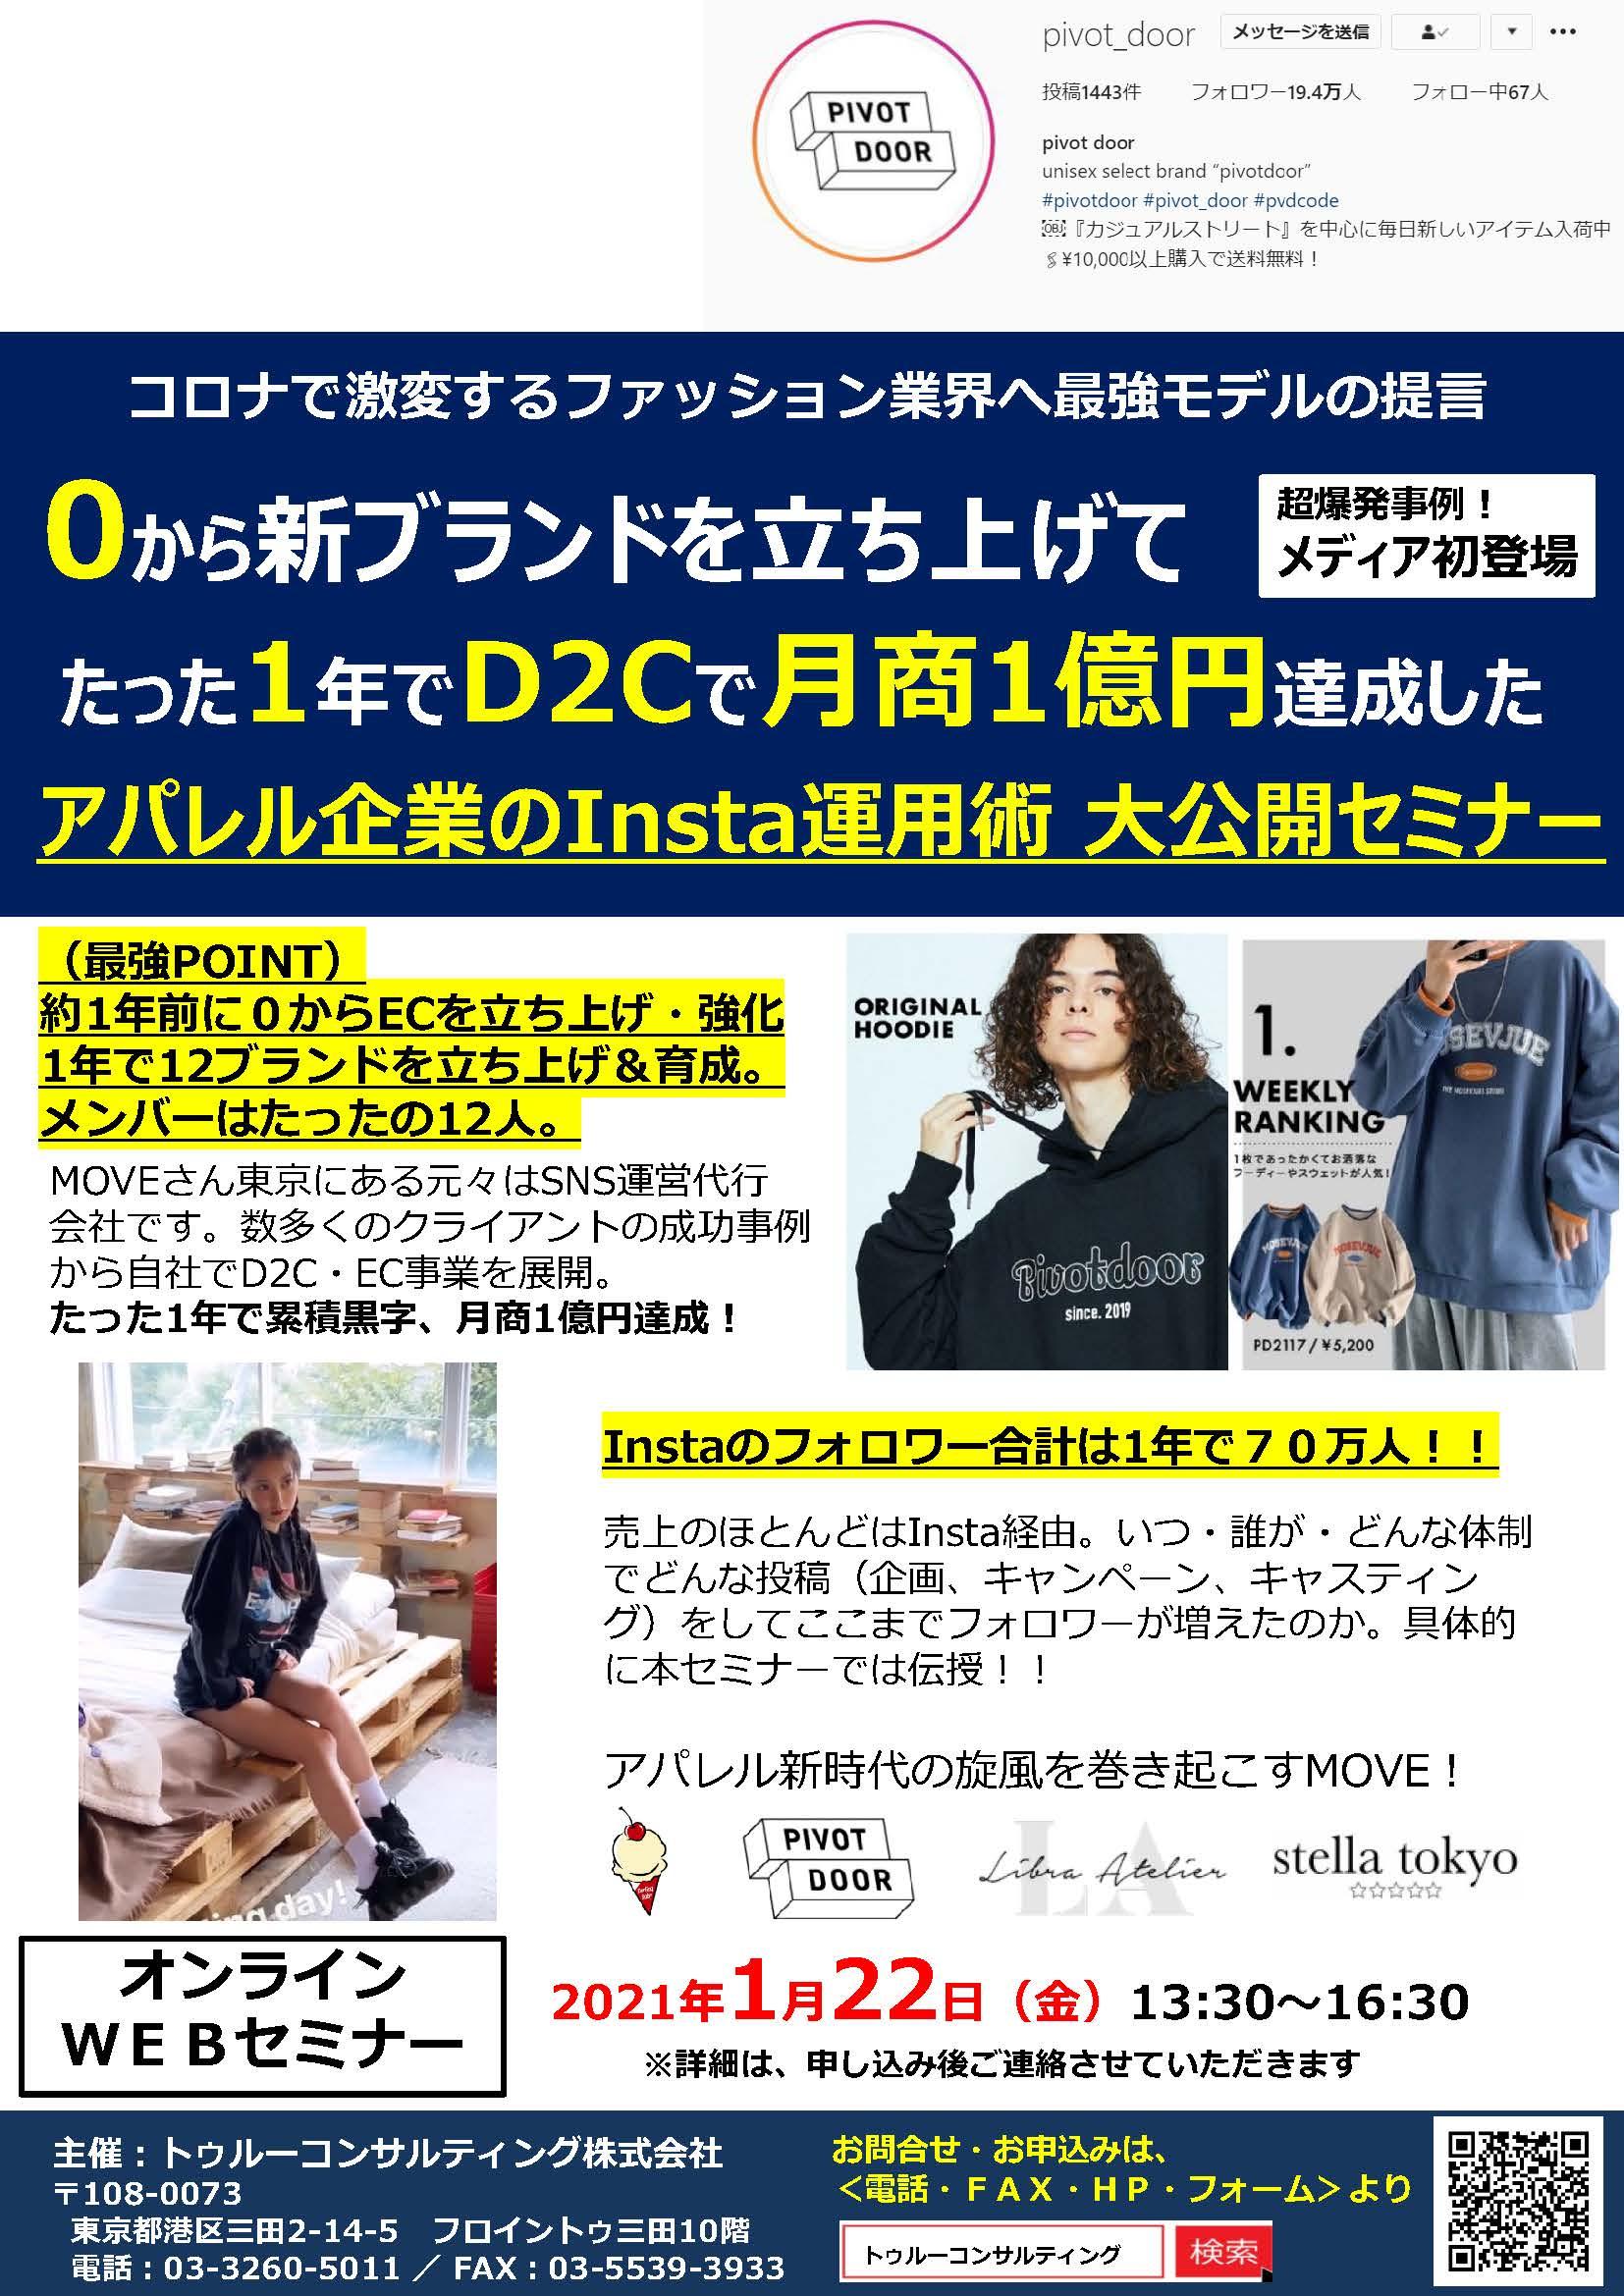 【 セミナー告知 】vol.51「 Instagramで月商1億円売る方法」